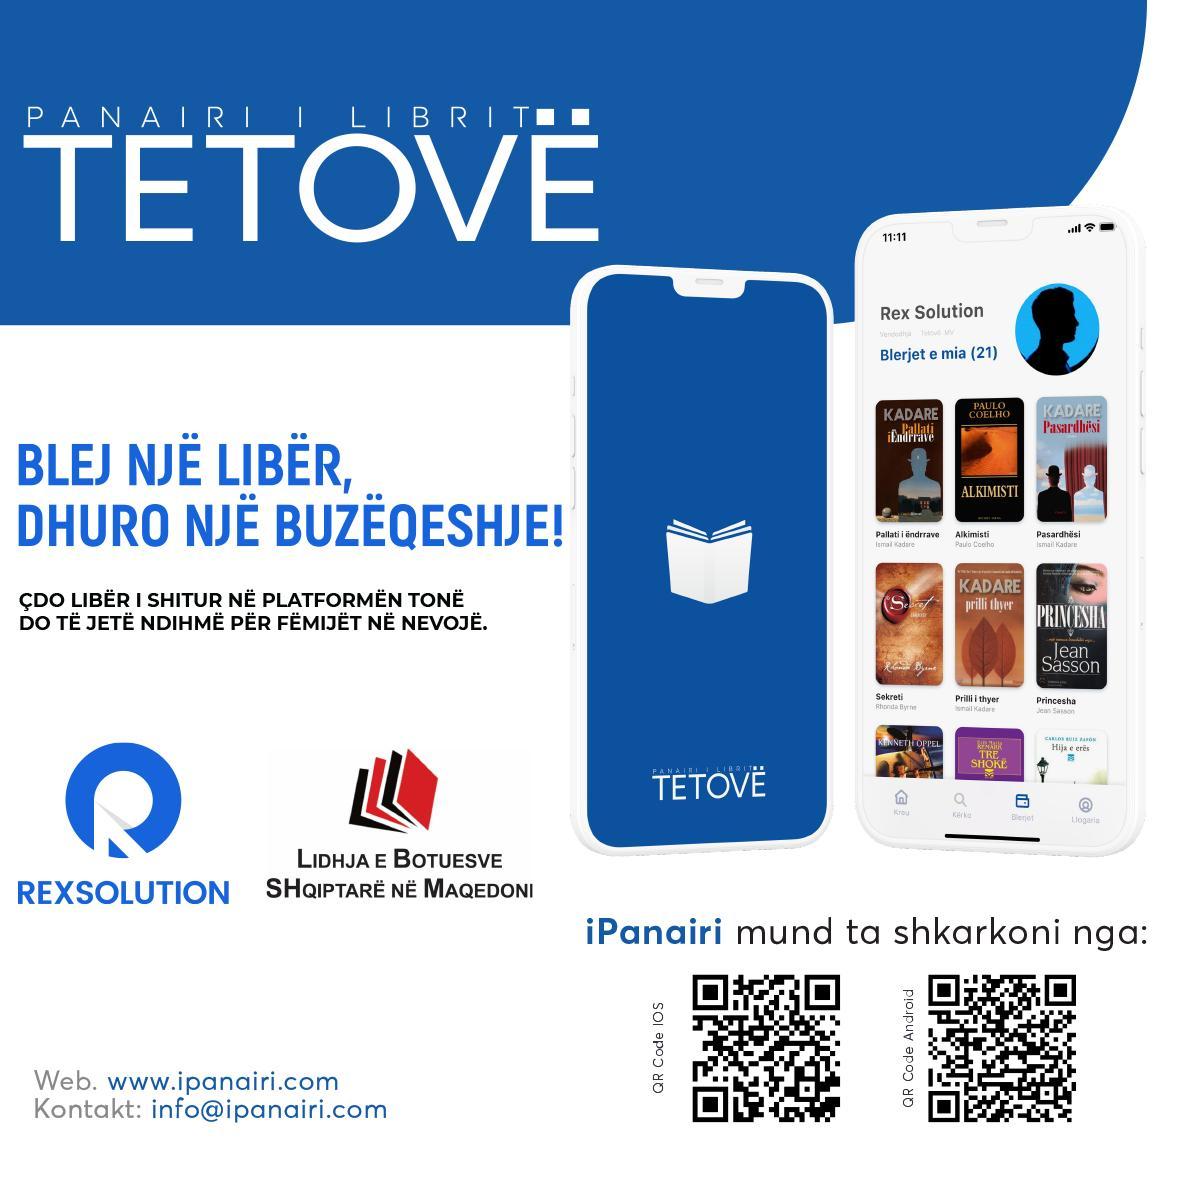 Panairi online i librit, për herë të parë në Tetovë